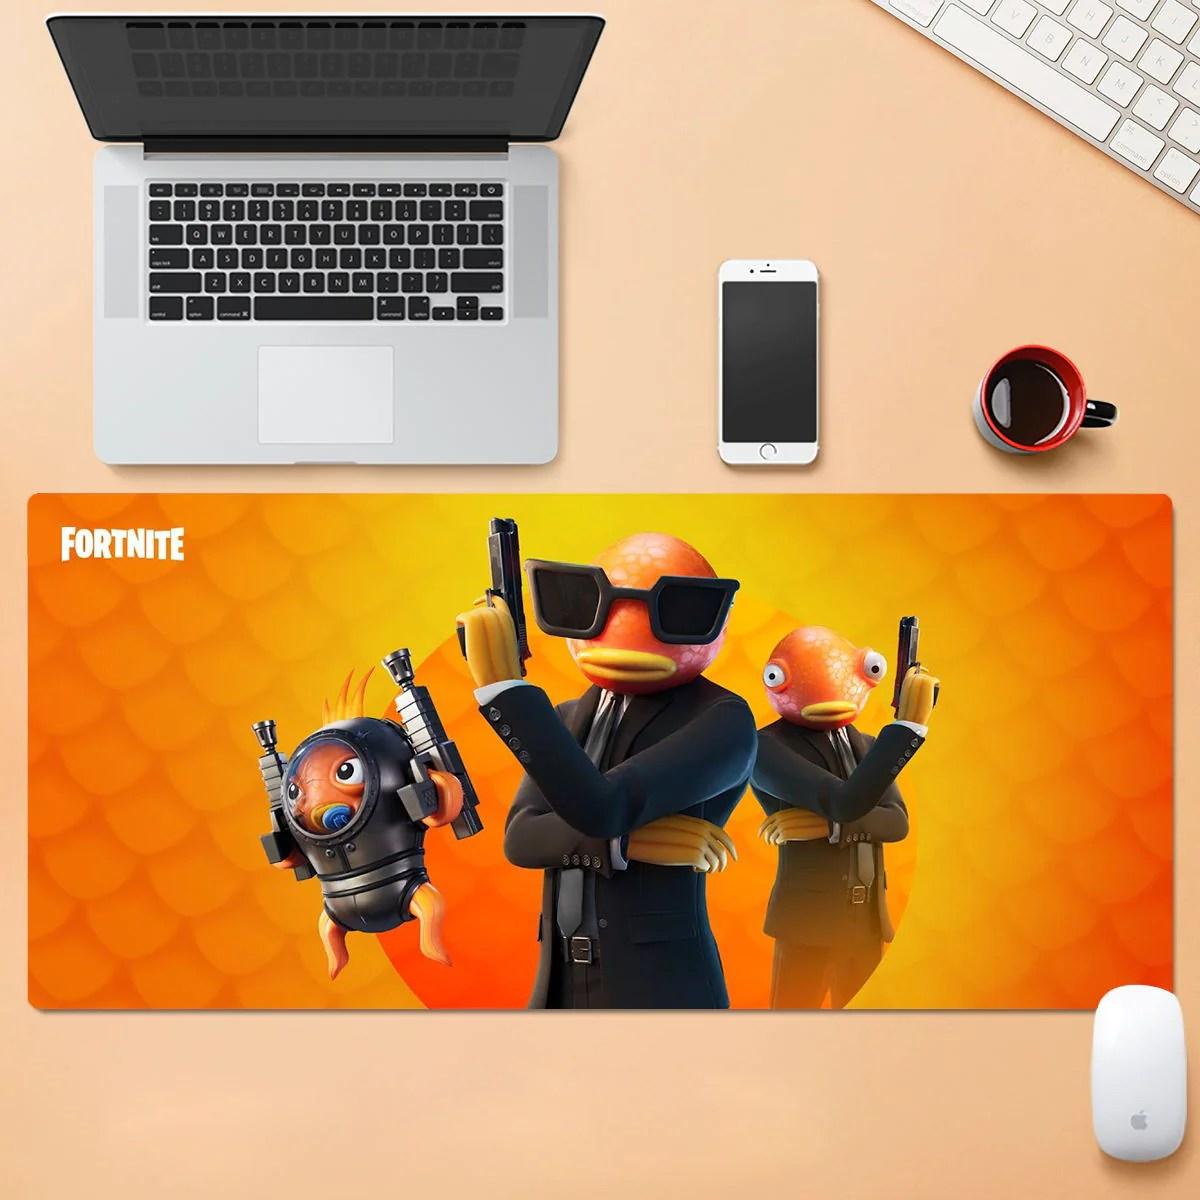 fortnite contract giller mousepad gaming tapis de souris cadeau pour g profitez de la vie